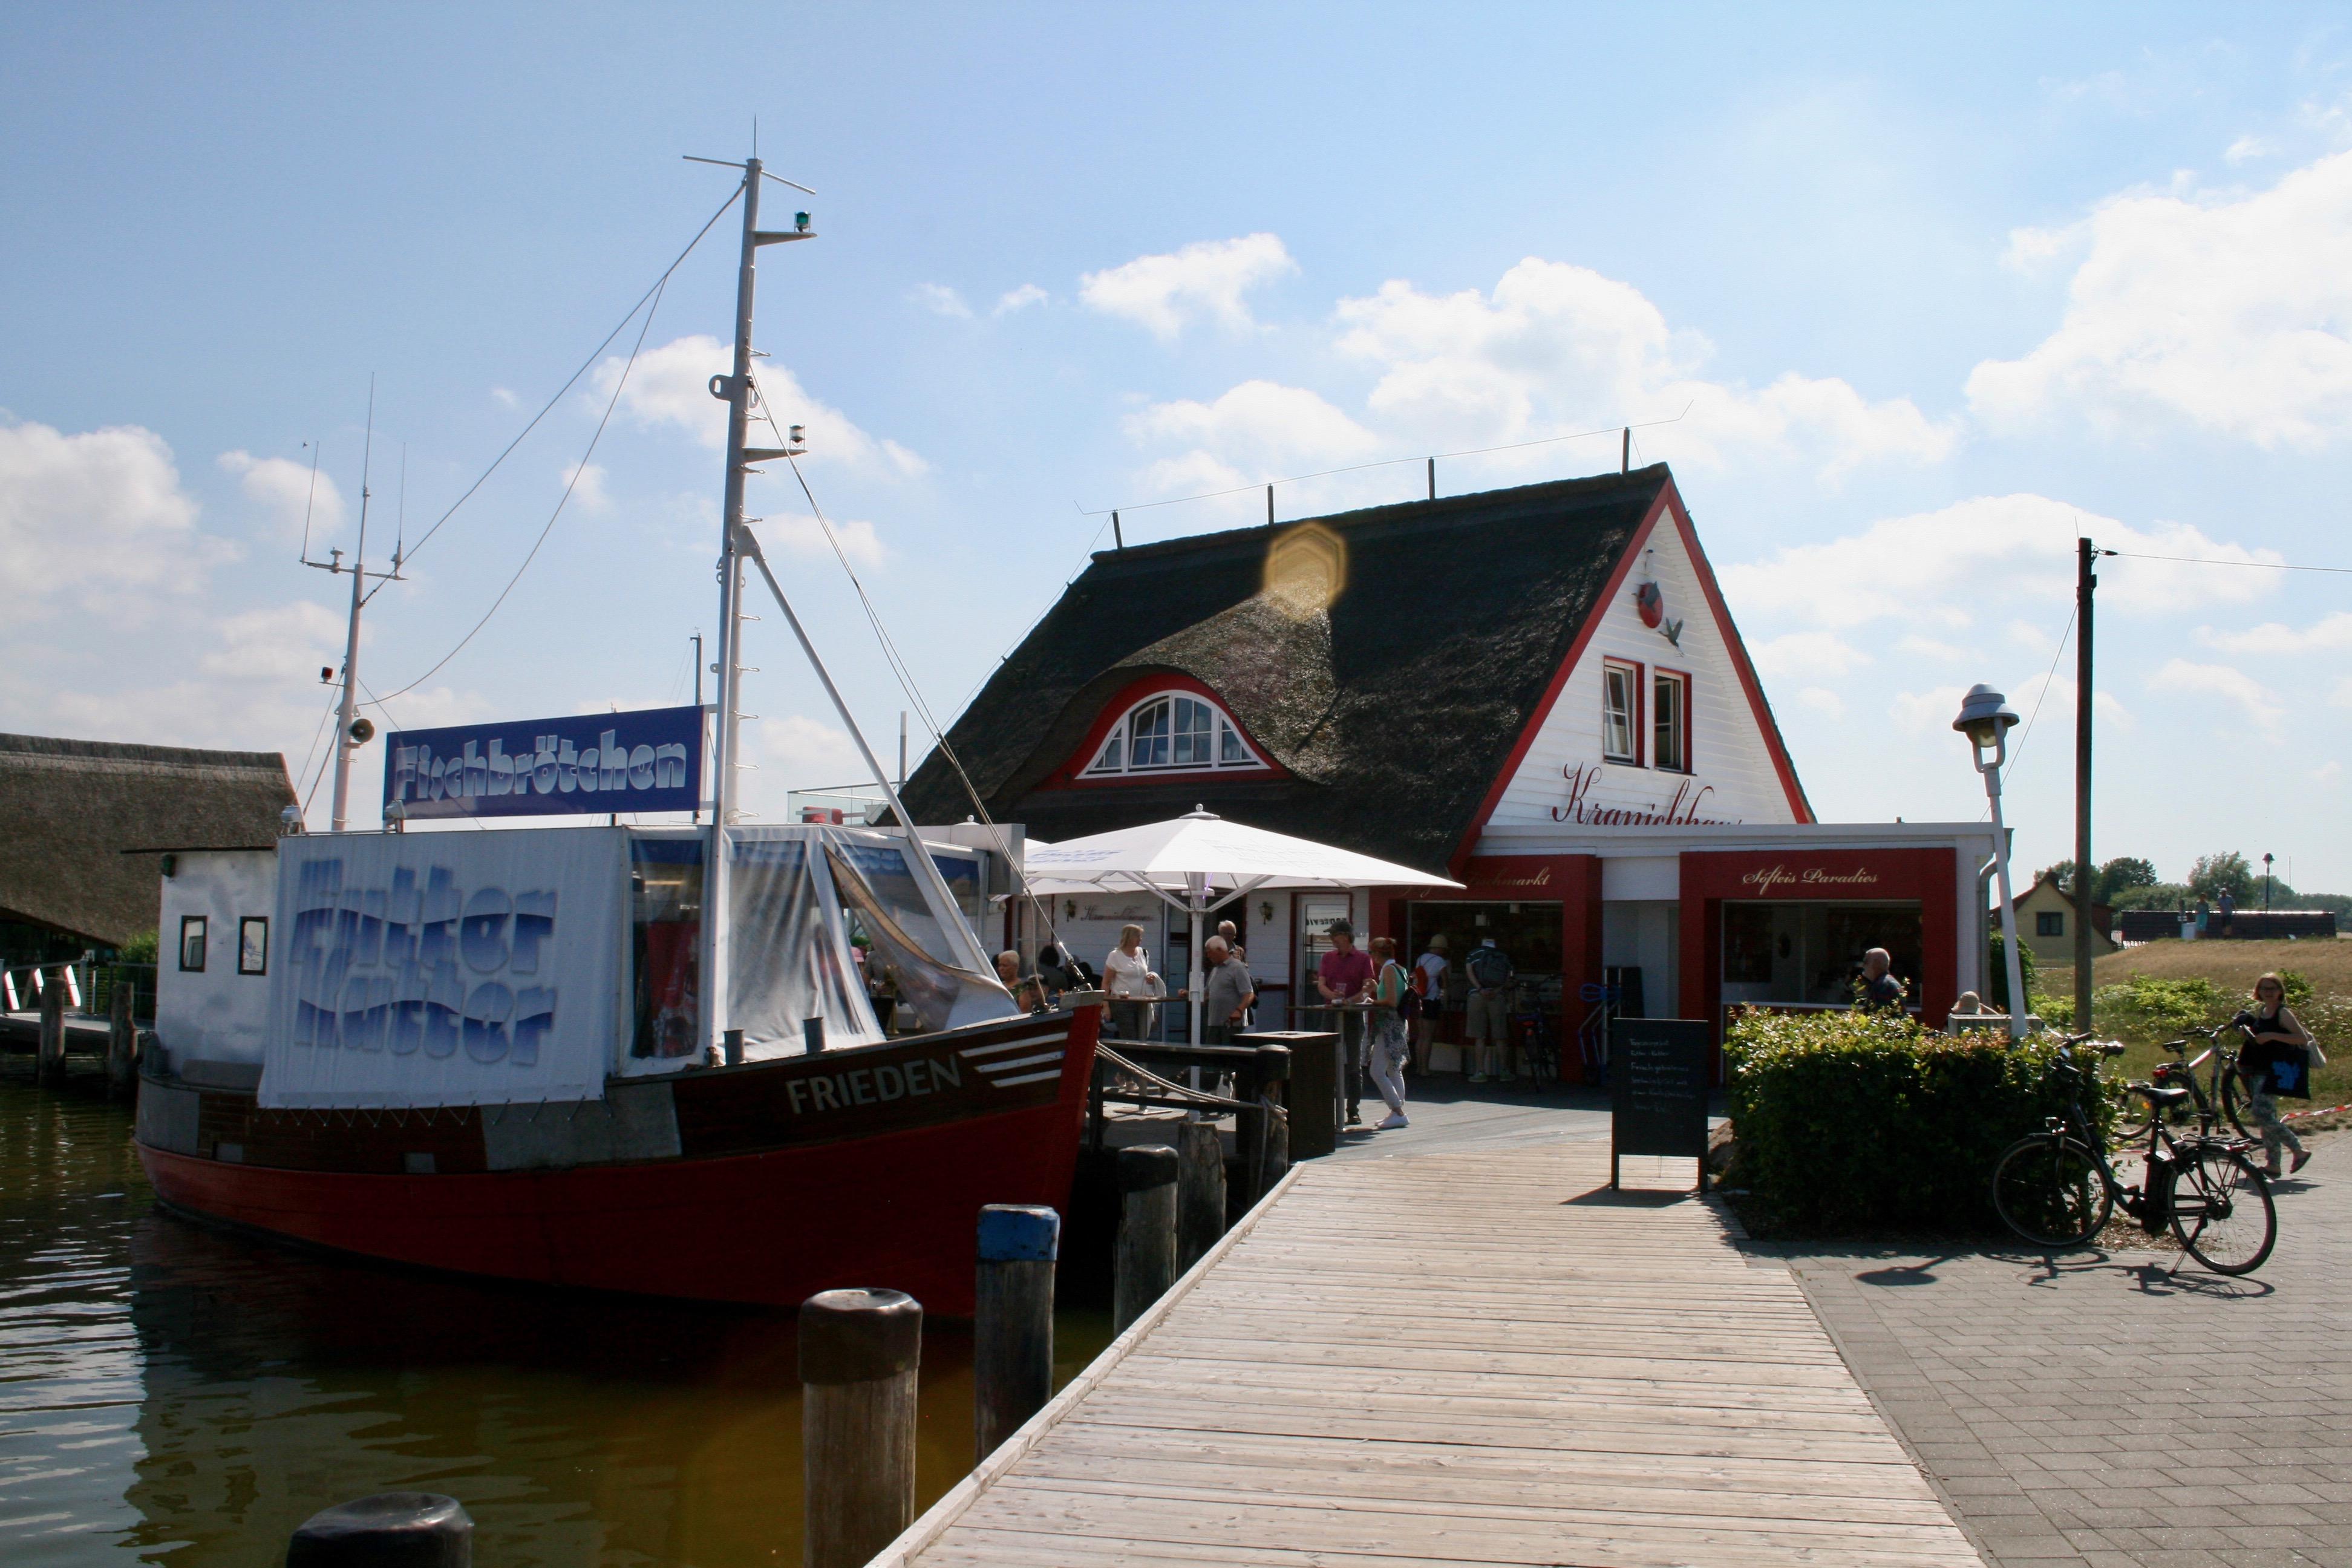 """Der """"Futterkutter"""" am Hafen versorgt Urlauber mit frischen Fischbrötchen und Getränken"""